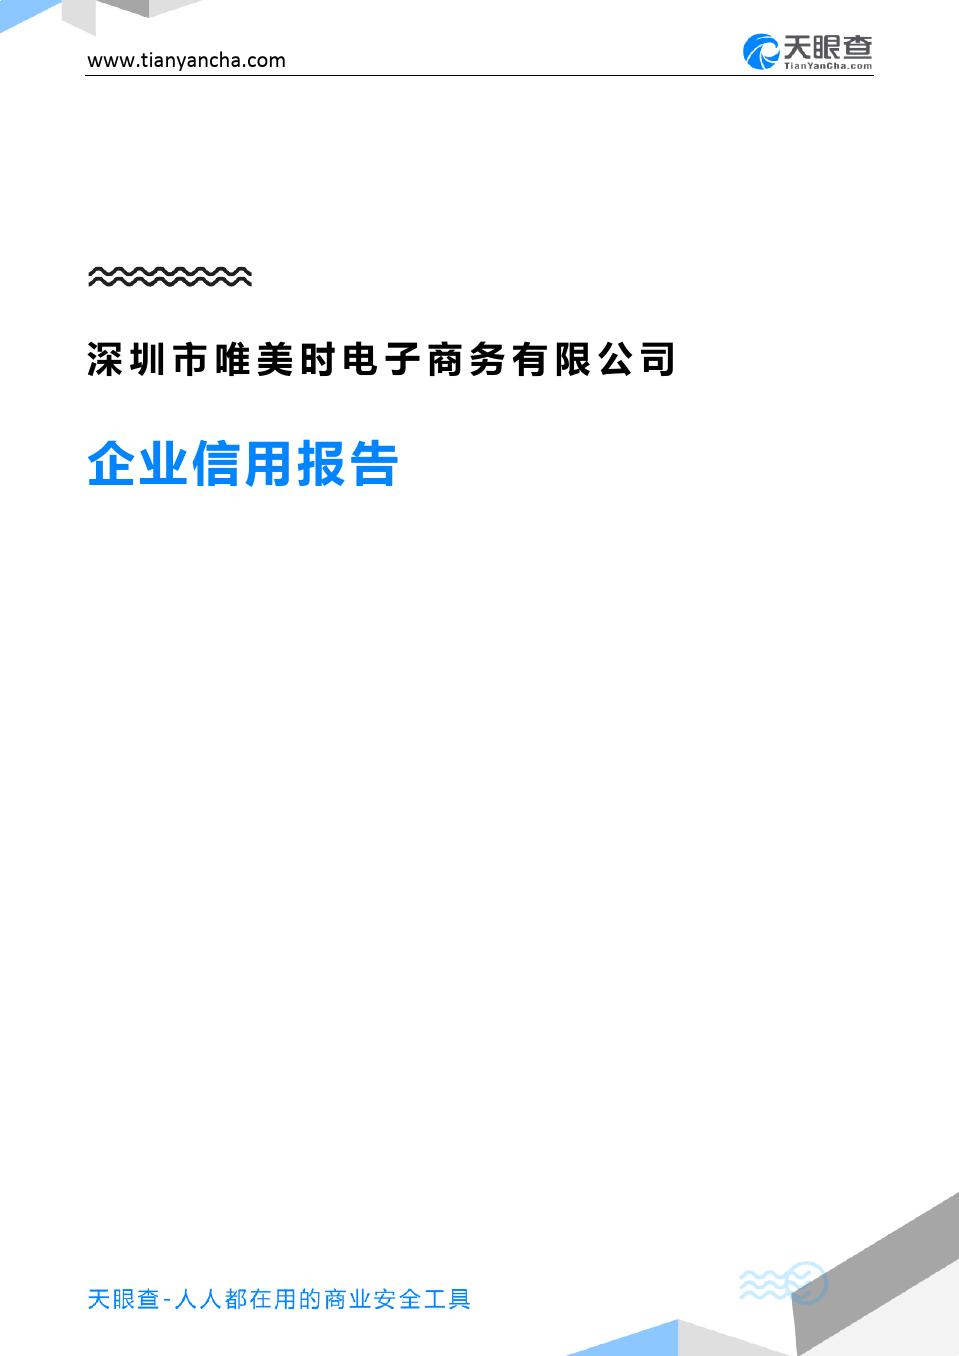 深圳市唯美时电子商务有限公司(企业信用报告)- 天眼查